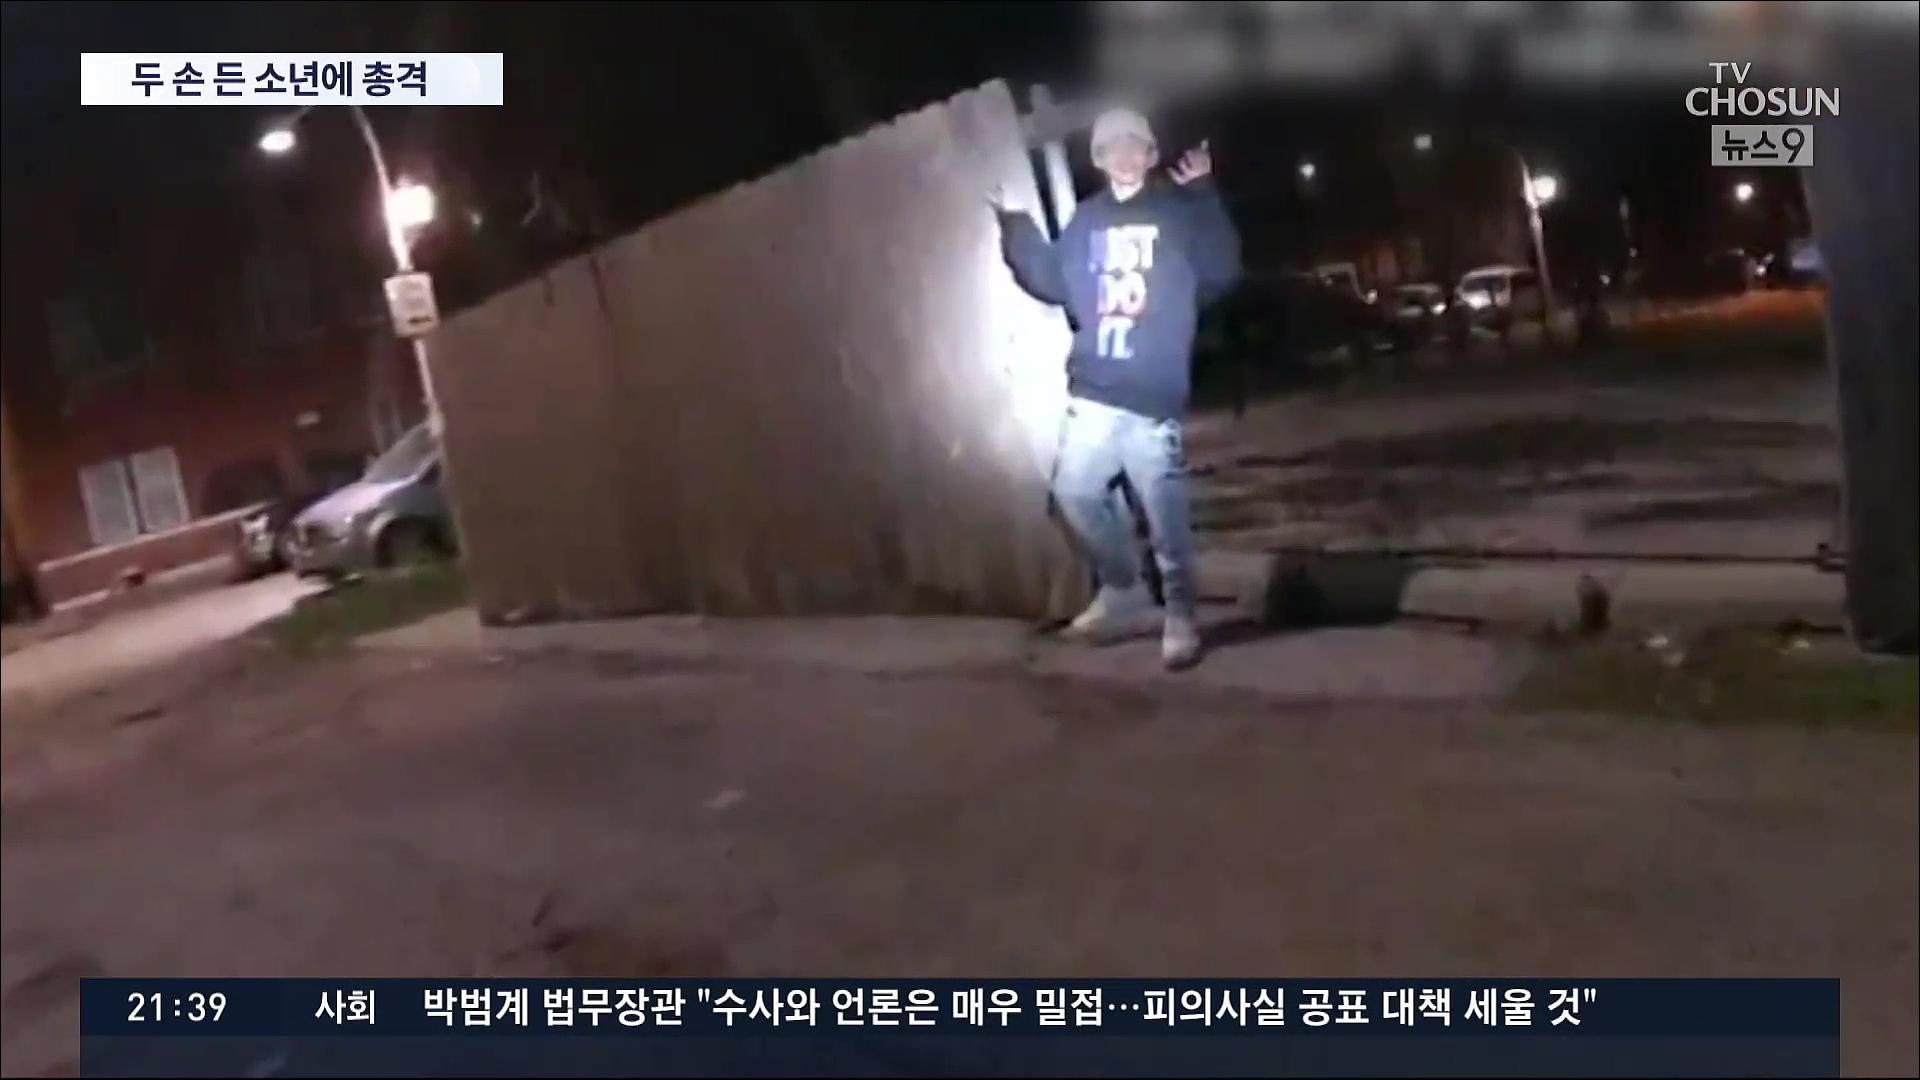 '총 갖고 있었다'더니…'두 손 든 비무장 소년', 경찰 총격에 사망